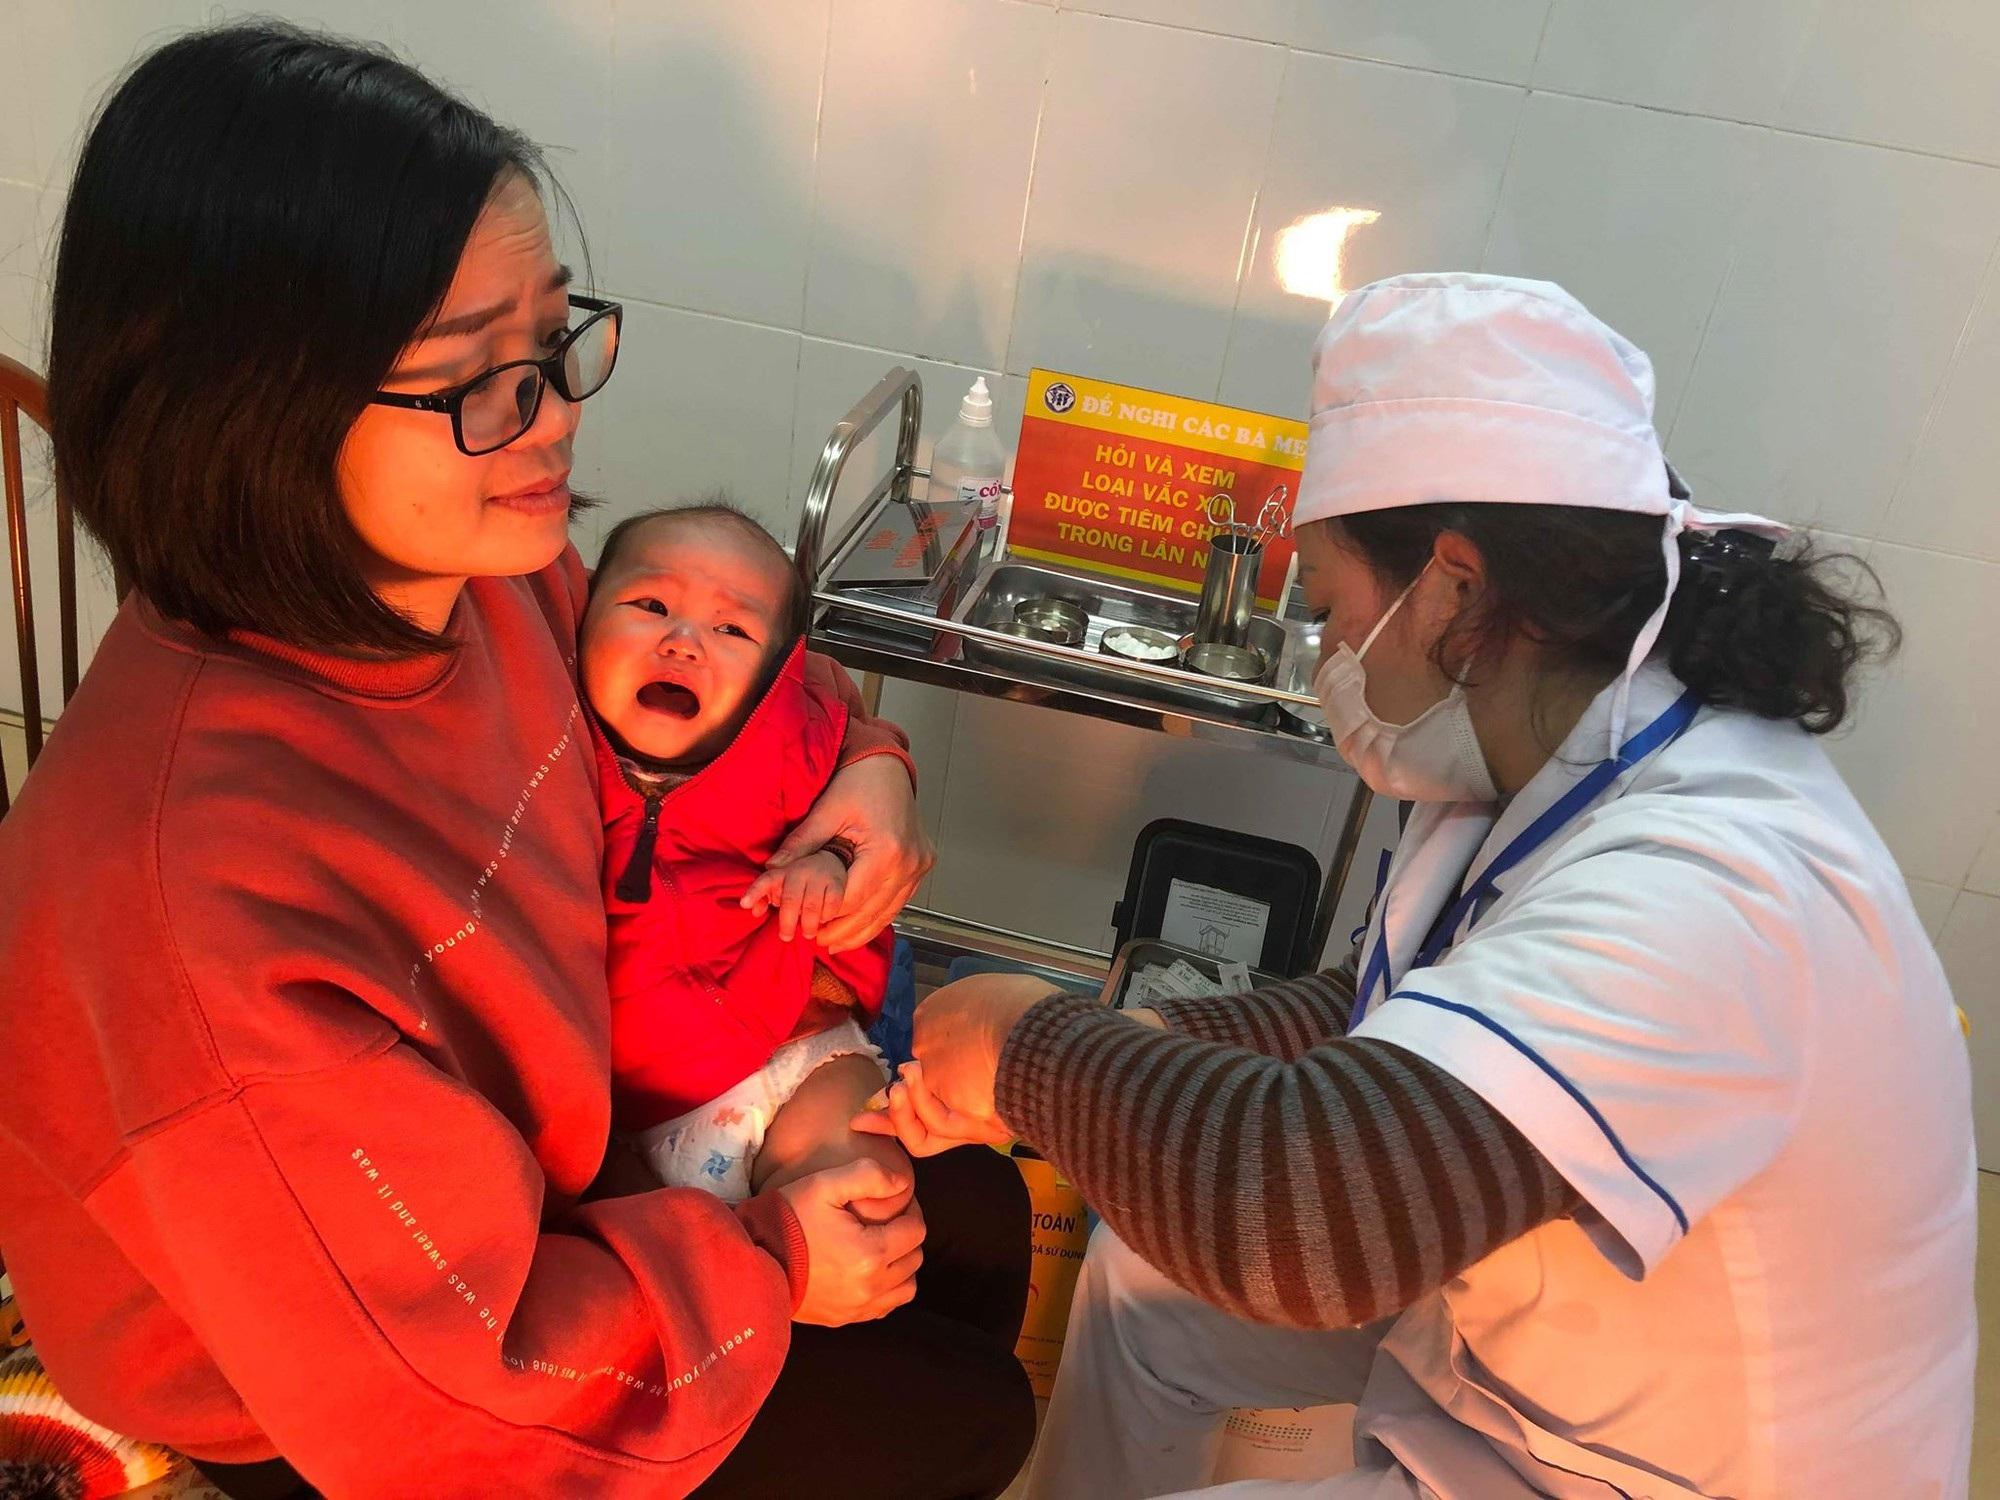 Bộ trưởng Y tế thị sát tiêm vắc xin 5 trong 1 tại trạm y tế  - Ảnh 8.